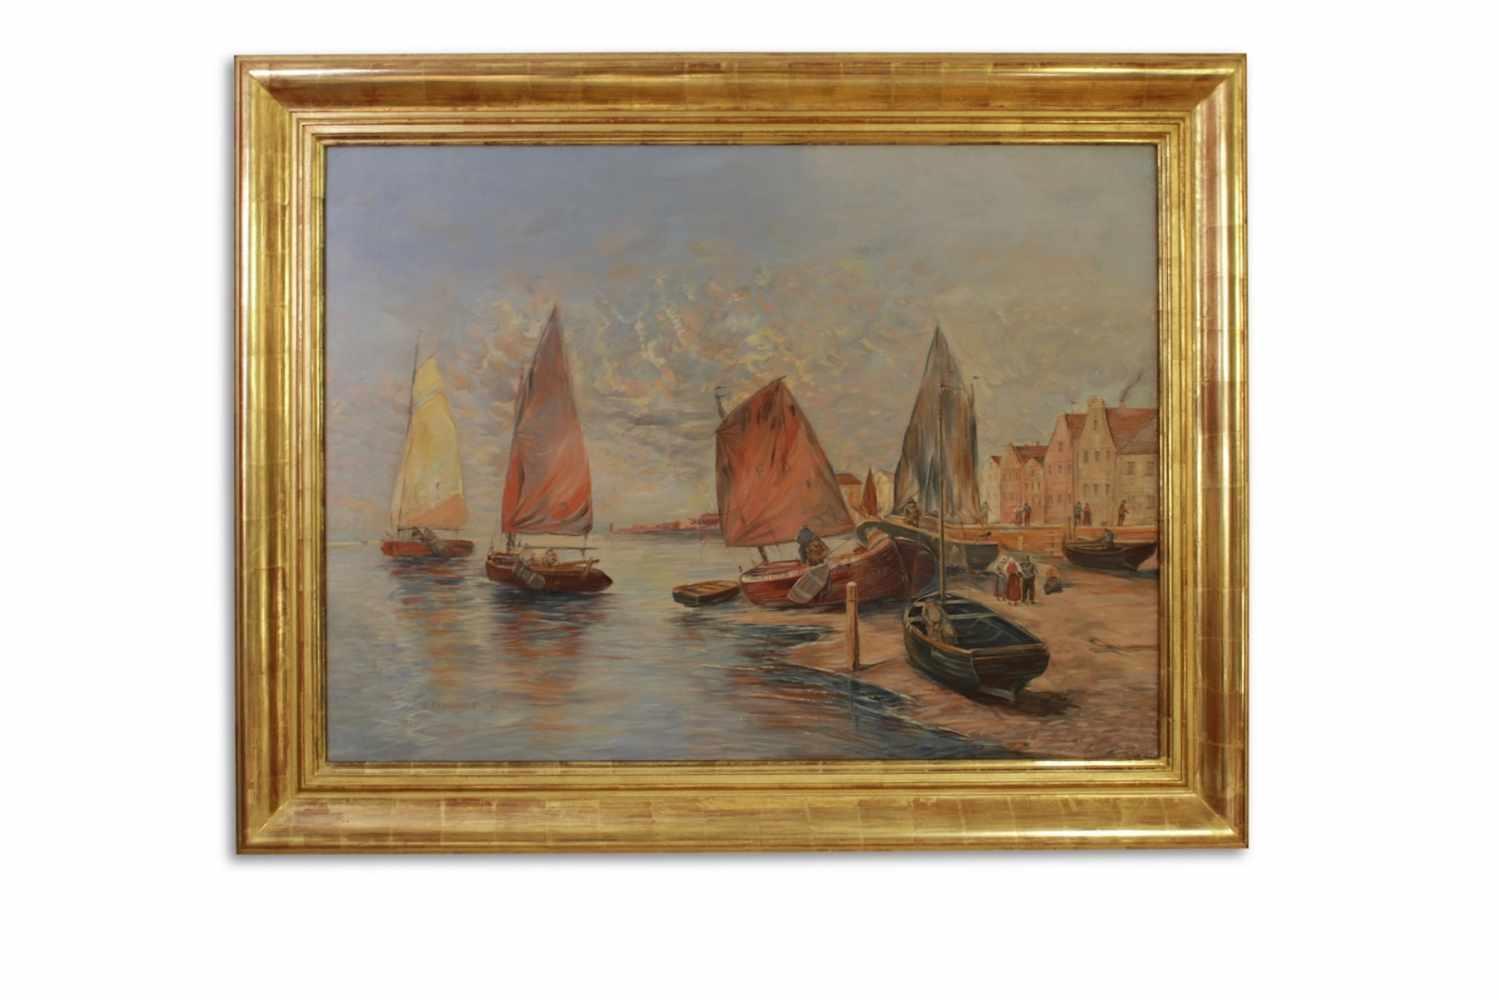 SEEBILD Seebild mit Fischerbooten und kleiner Hafenstadt, Georg Fischhoff (1859 - 1914), Öl auf